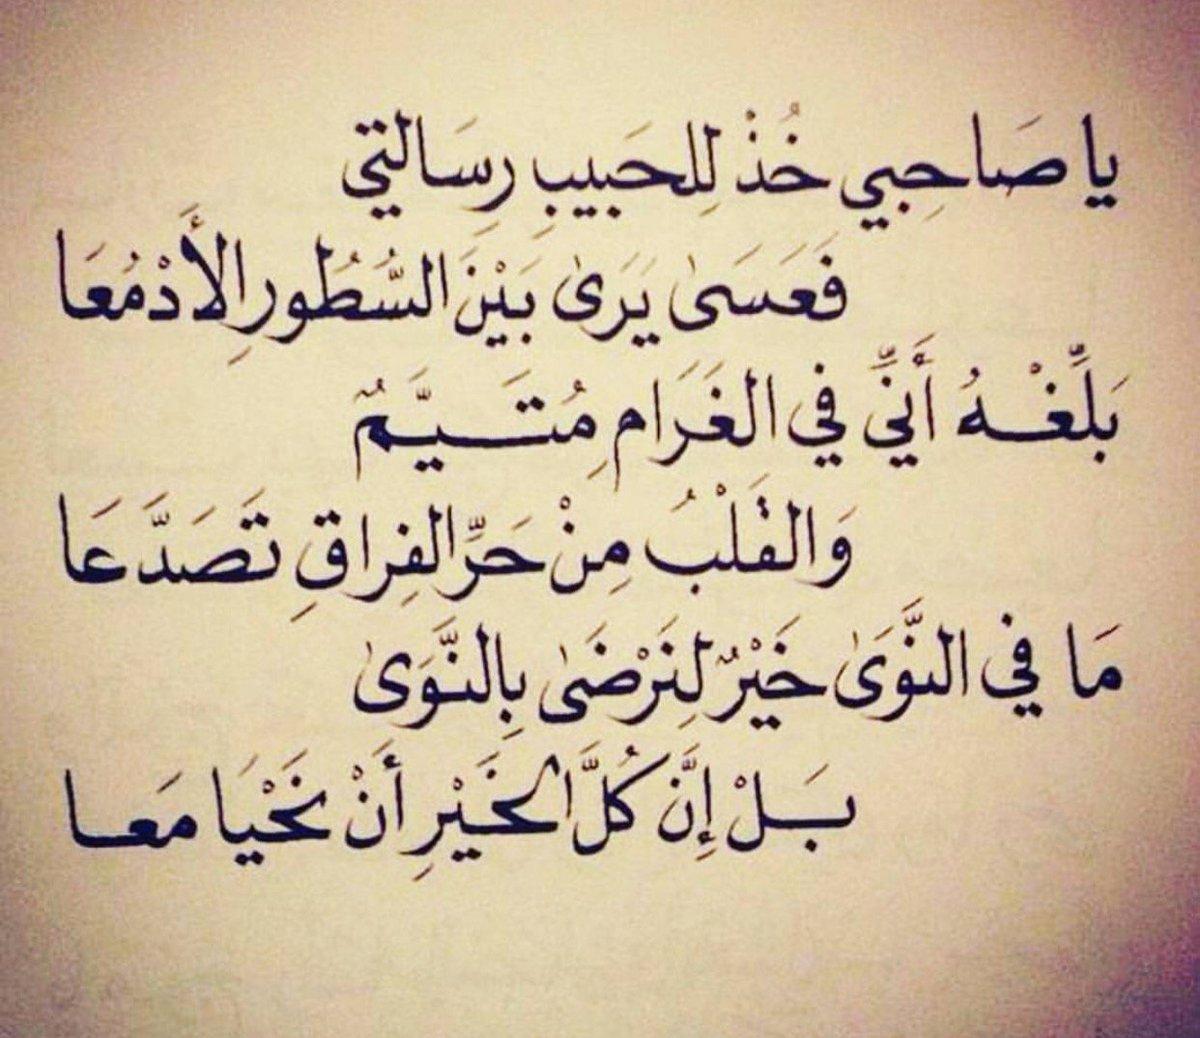 شعر عتاب قوي للصديق والحبيب معبر أشعار مصورة